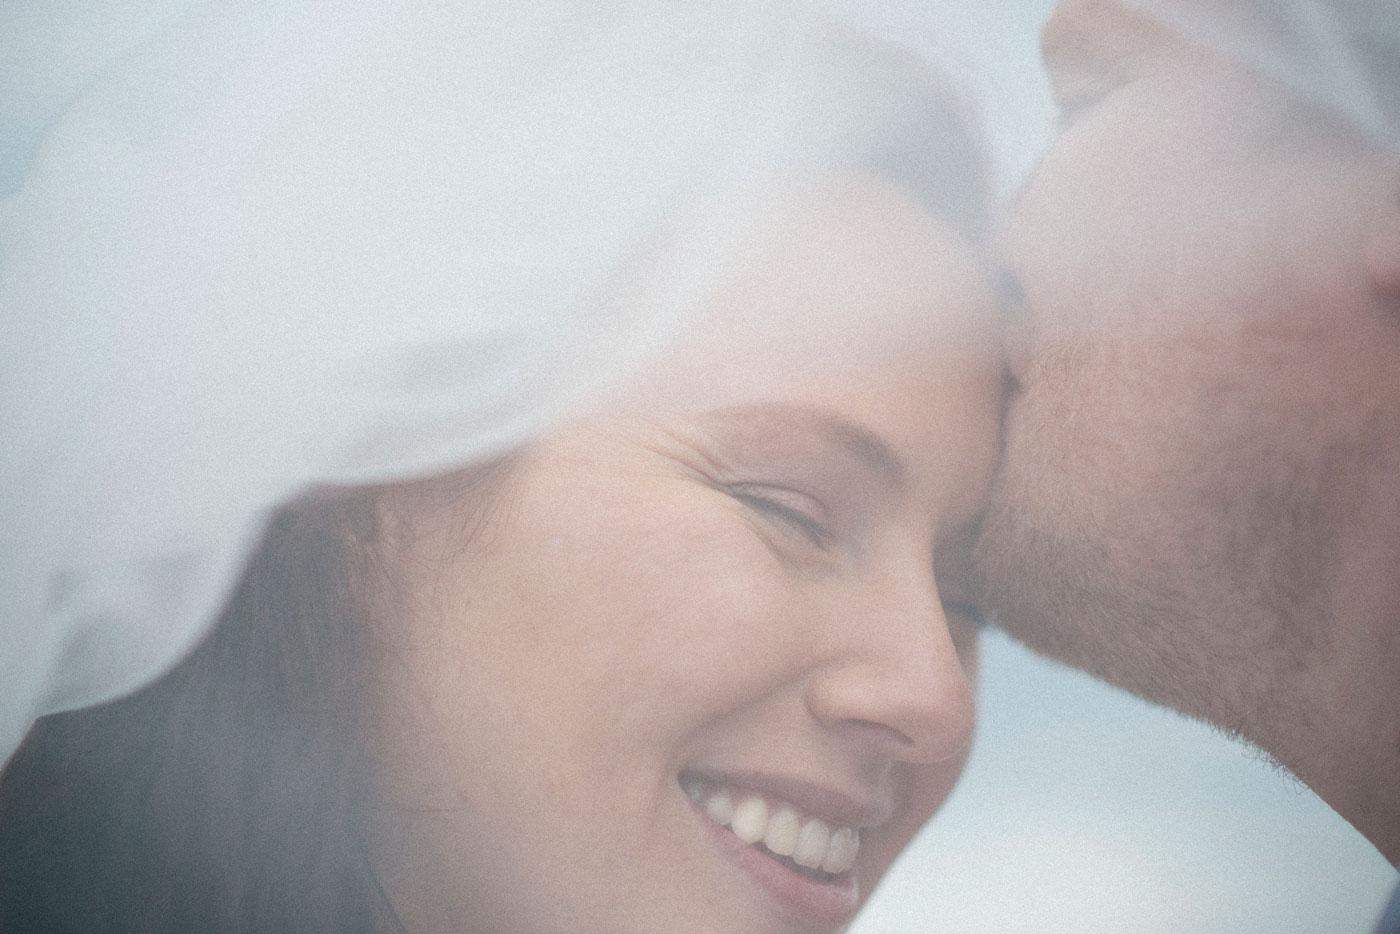 Bryllupsfotografering under sløret til bruden